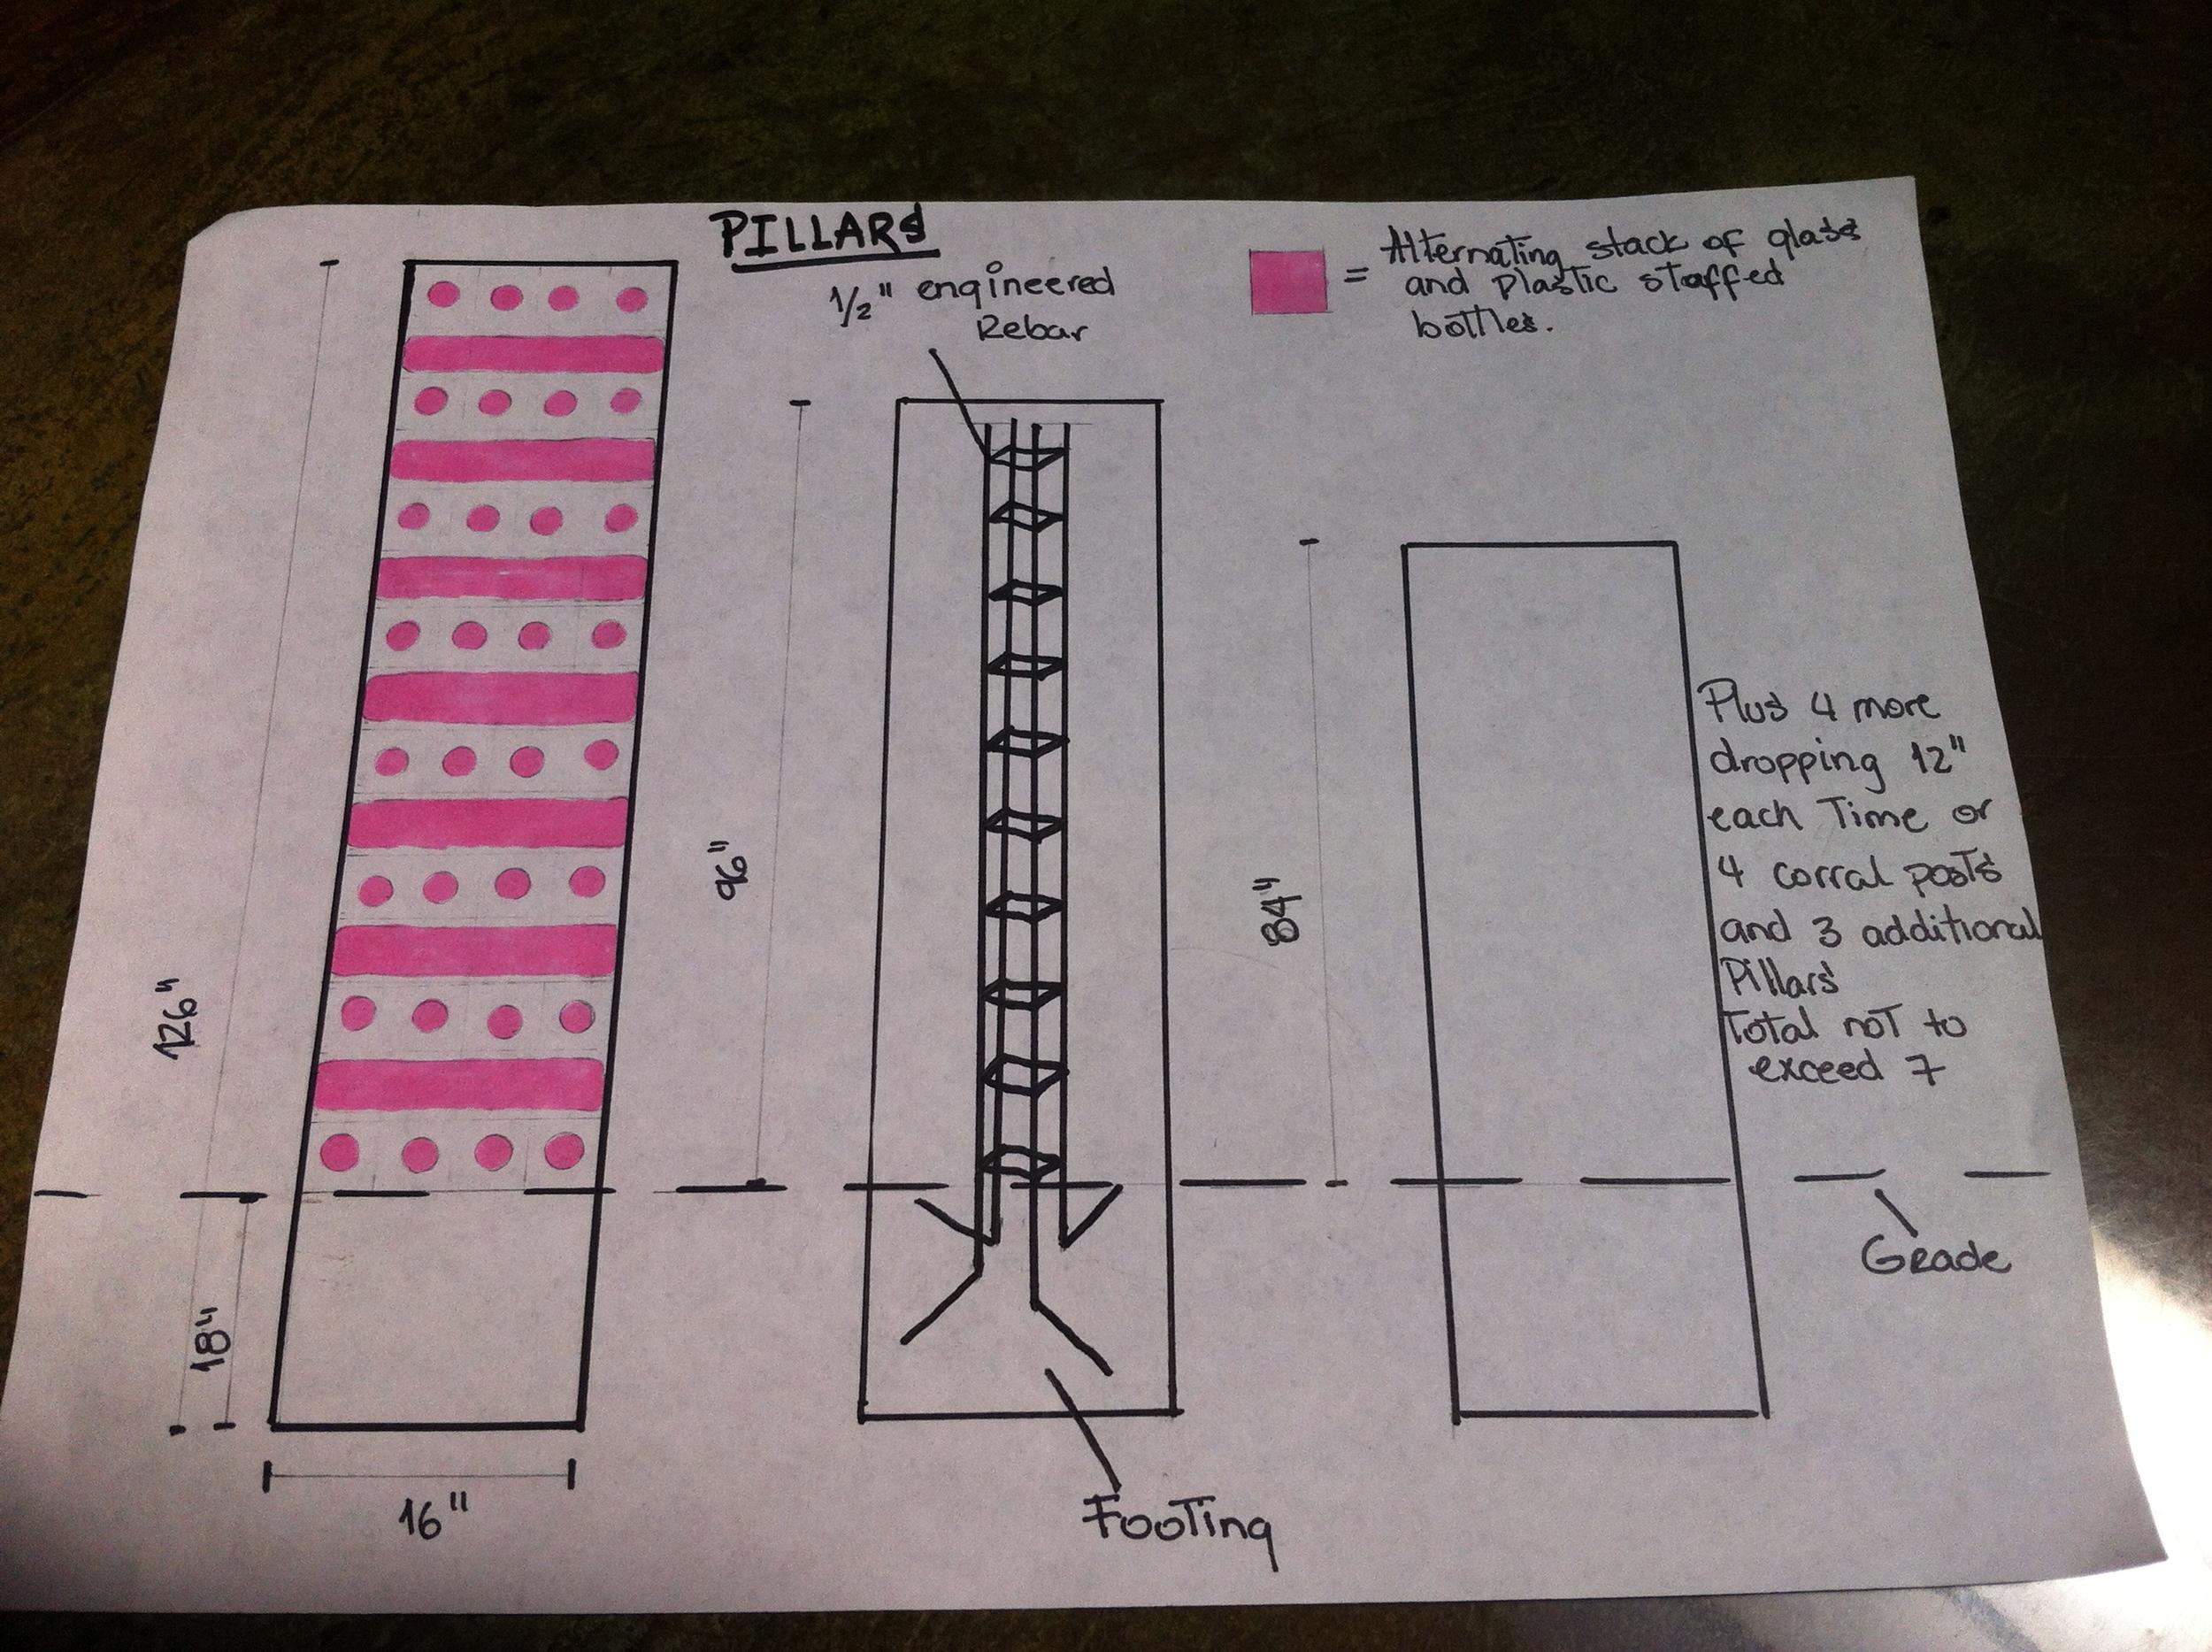 los sauces 4 walls park space trash sustainable contruction  plans1.jpg